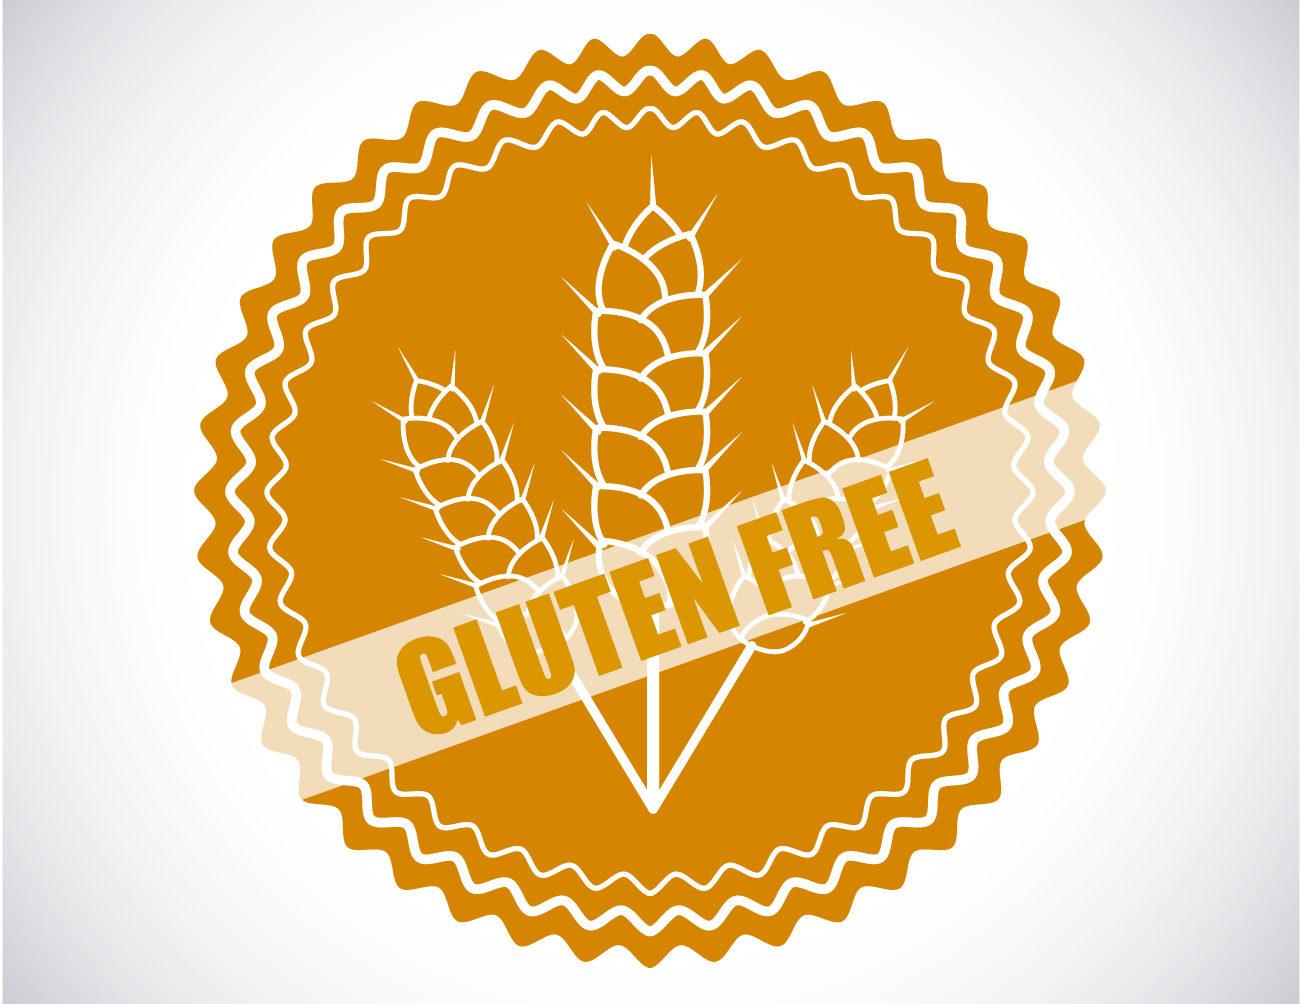 Attention le sans gluten ce n'est pas paléo.